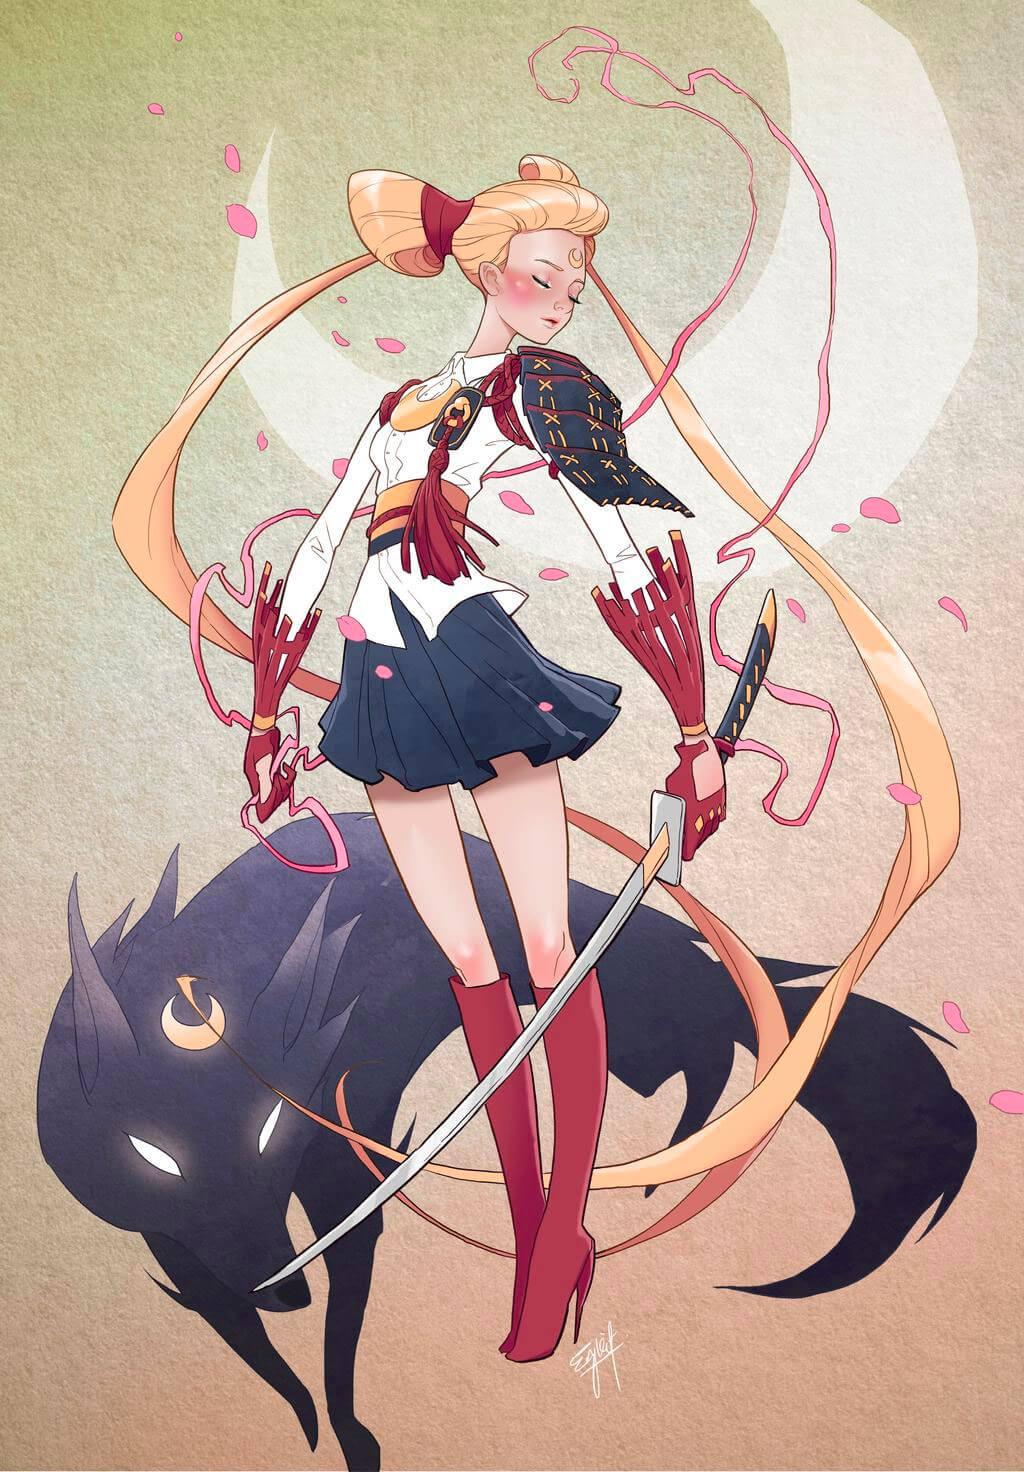 Sailor Moon Fan Art by Engkit Leong